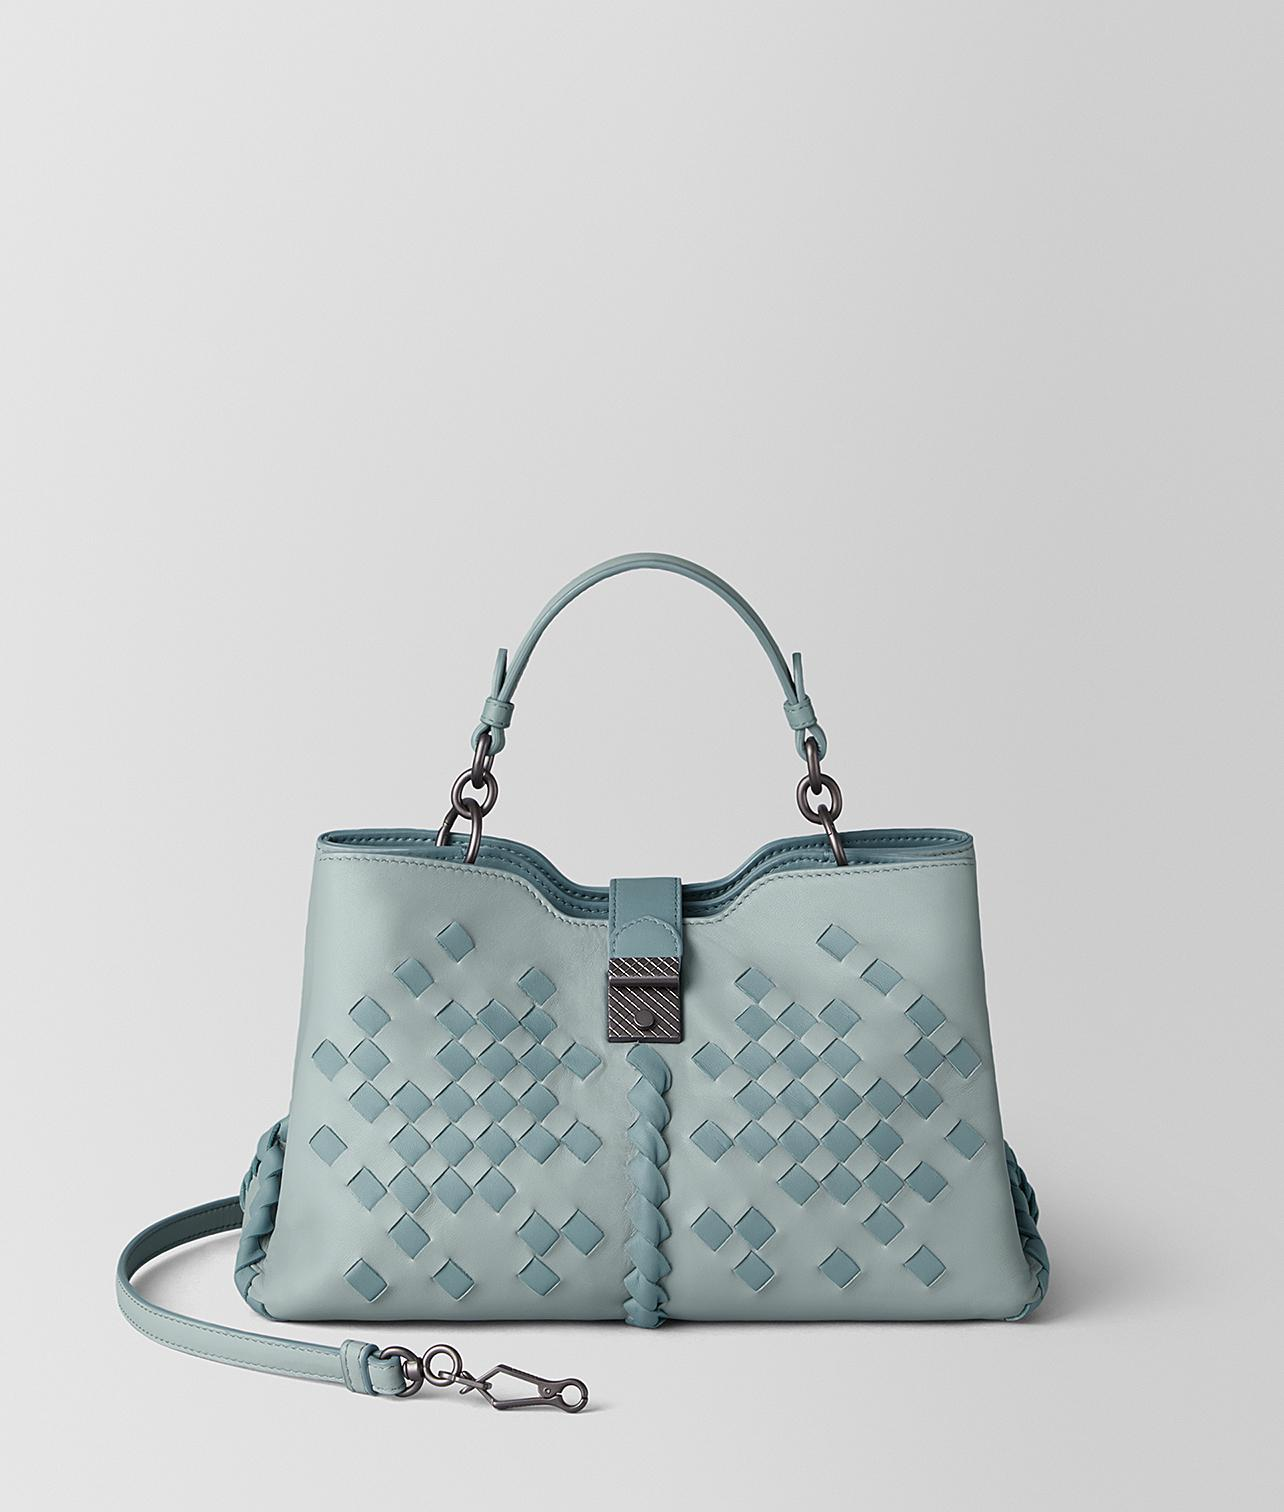 Bottega Veneta Small Napoli Bag In Nappa in Blue - Lyst 56d5cdb166141